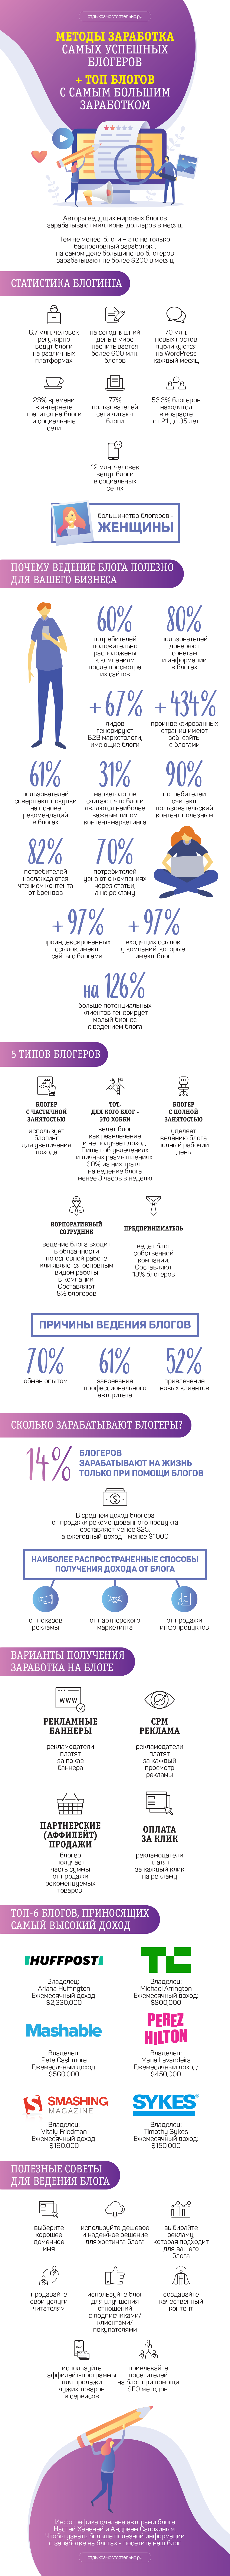 Поделитесь Инфографикой: Методы Заработка Самых Успешных Блогеров